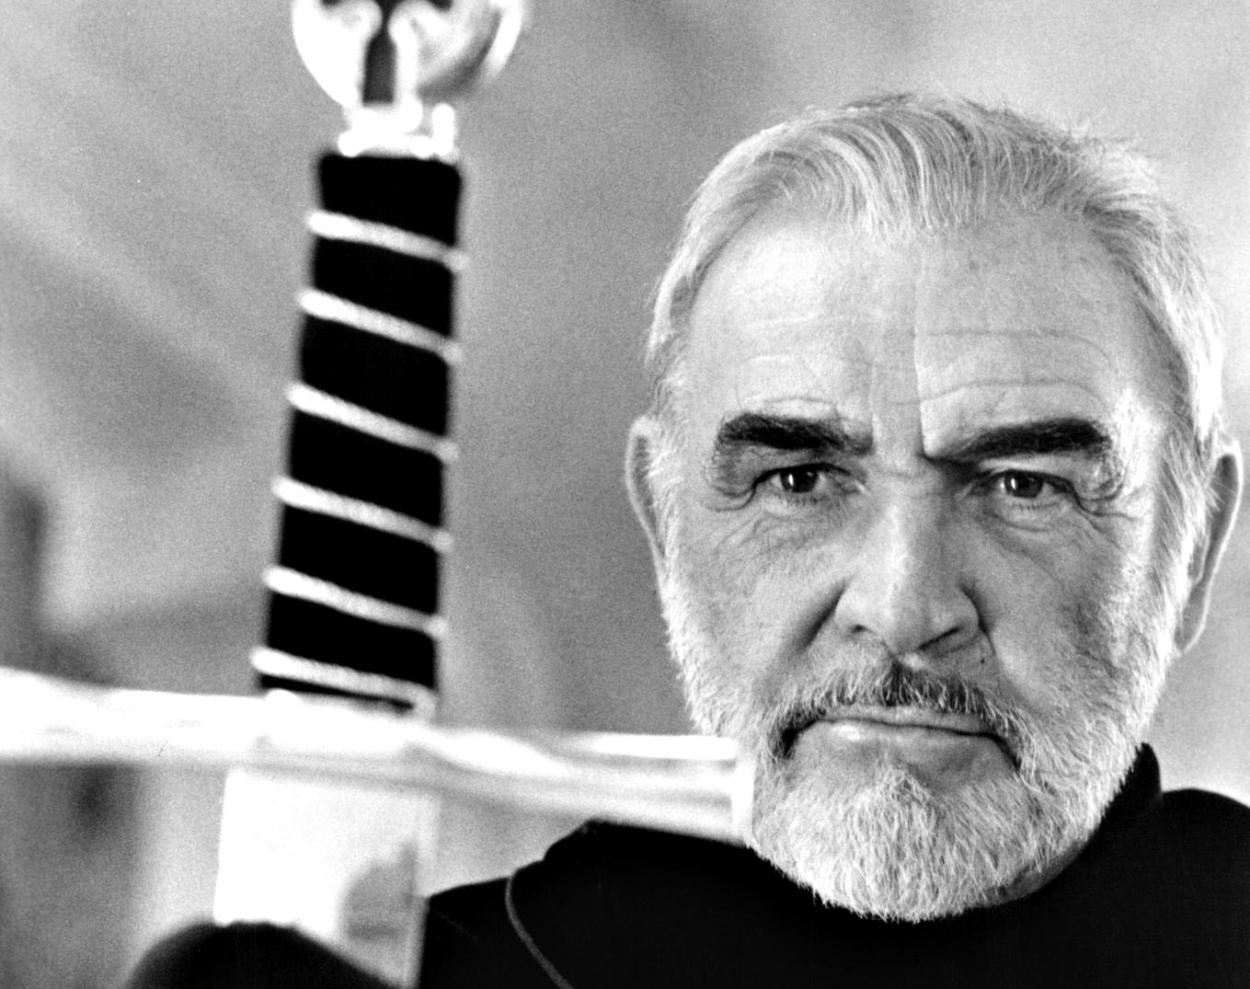 Sean Connery en El primer caballero. Fuente: www.elantepenultimomohicano.com